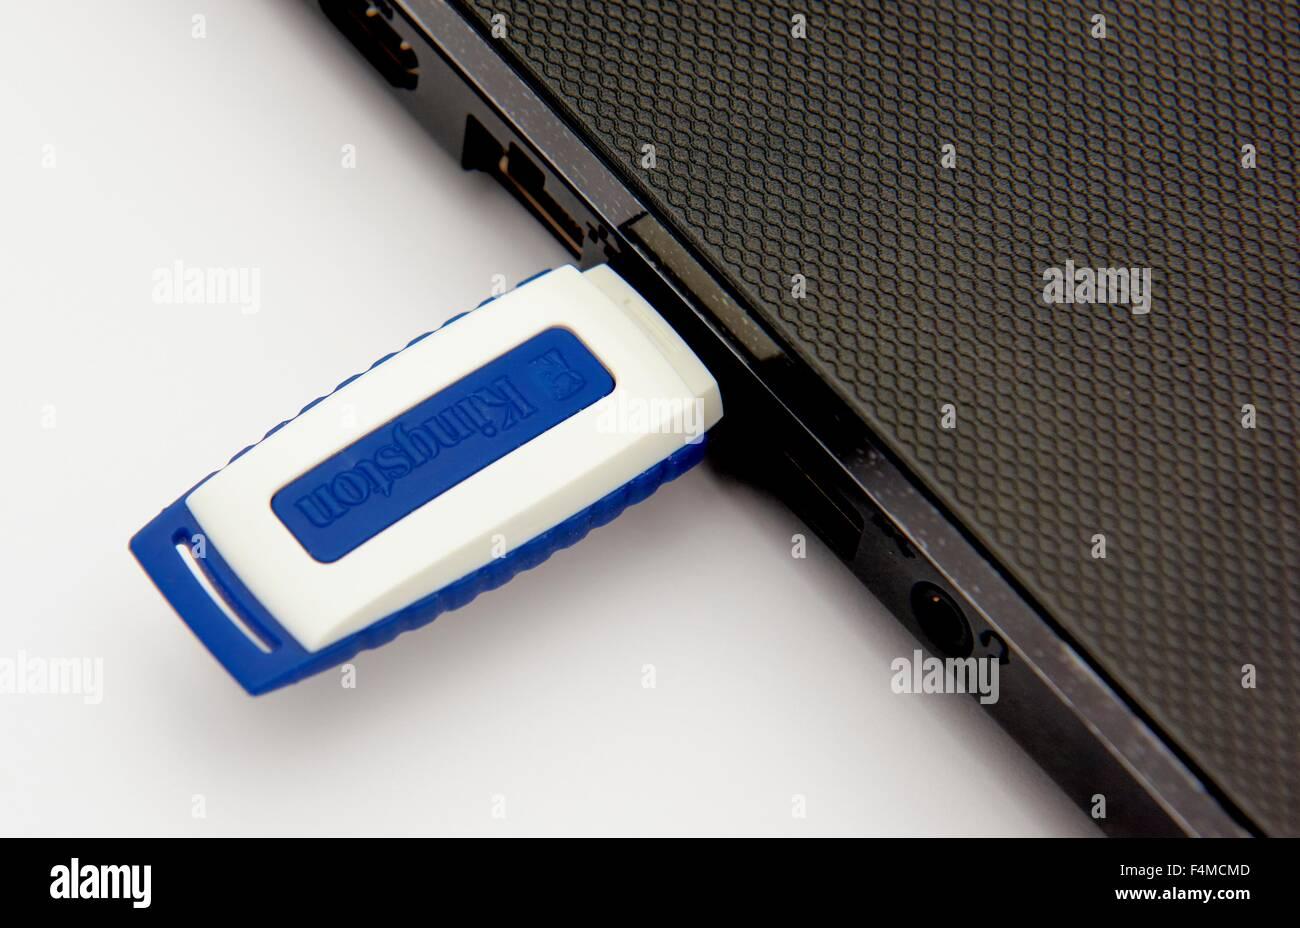 Un computer USB memory stick Immagini Stock